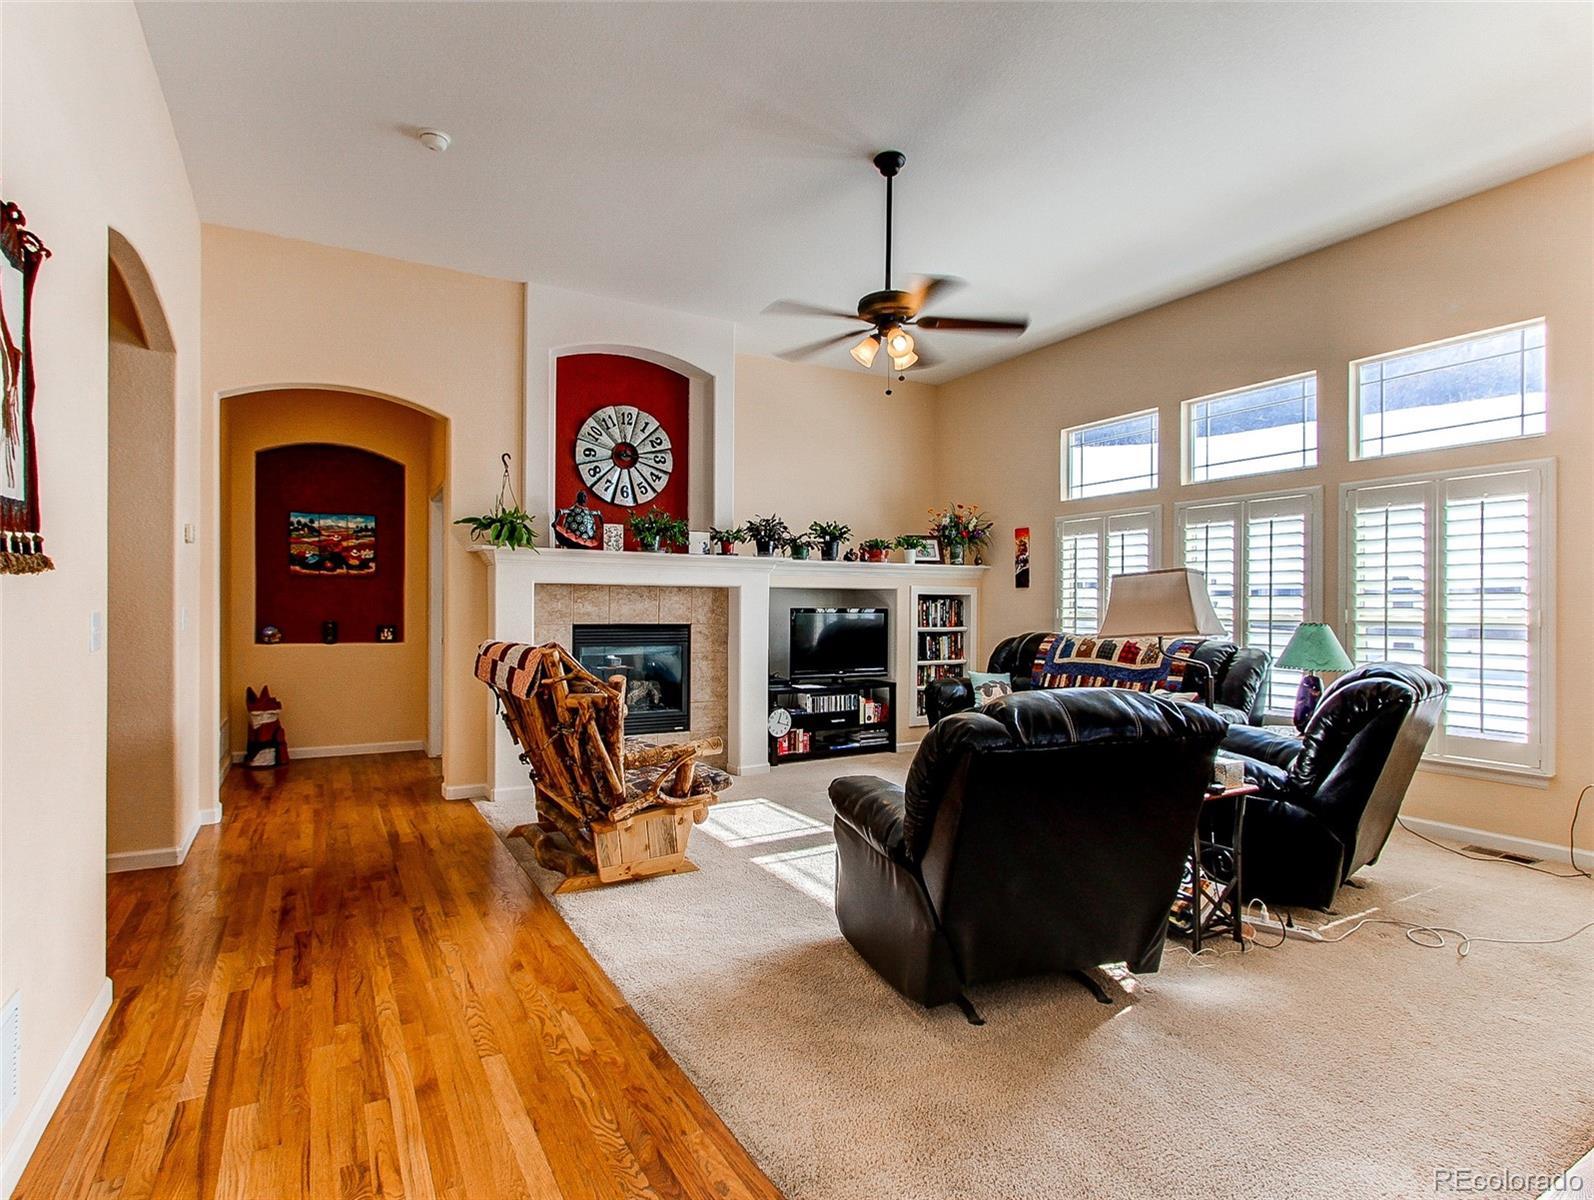 MLS# 8187086 - 2 - 2042 Gypsy Moth Court, Castle Rock, CO 80109